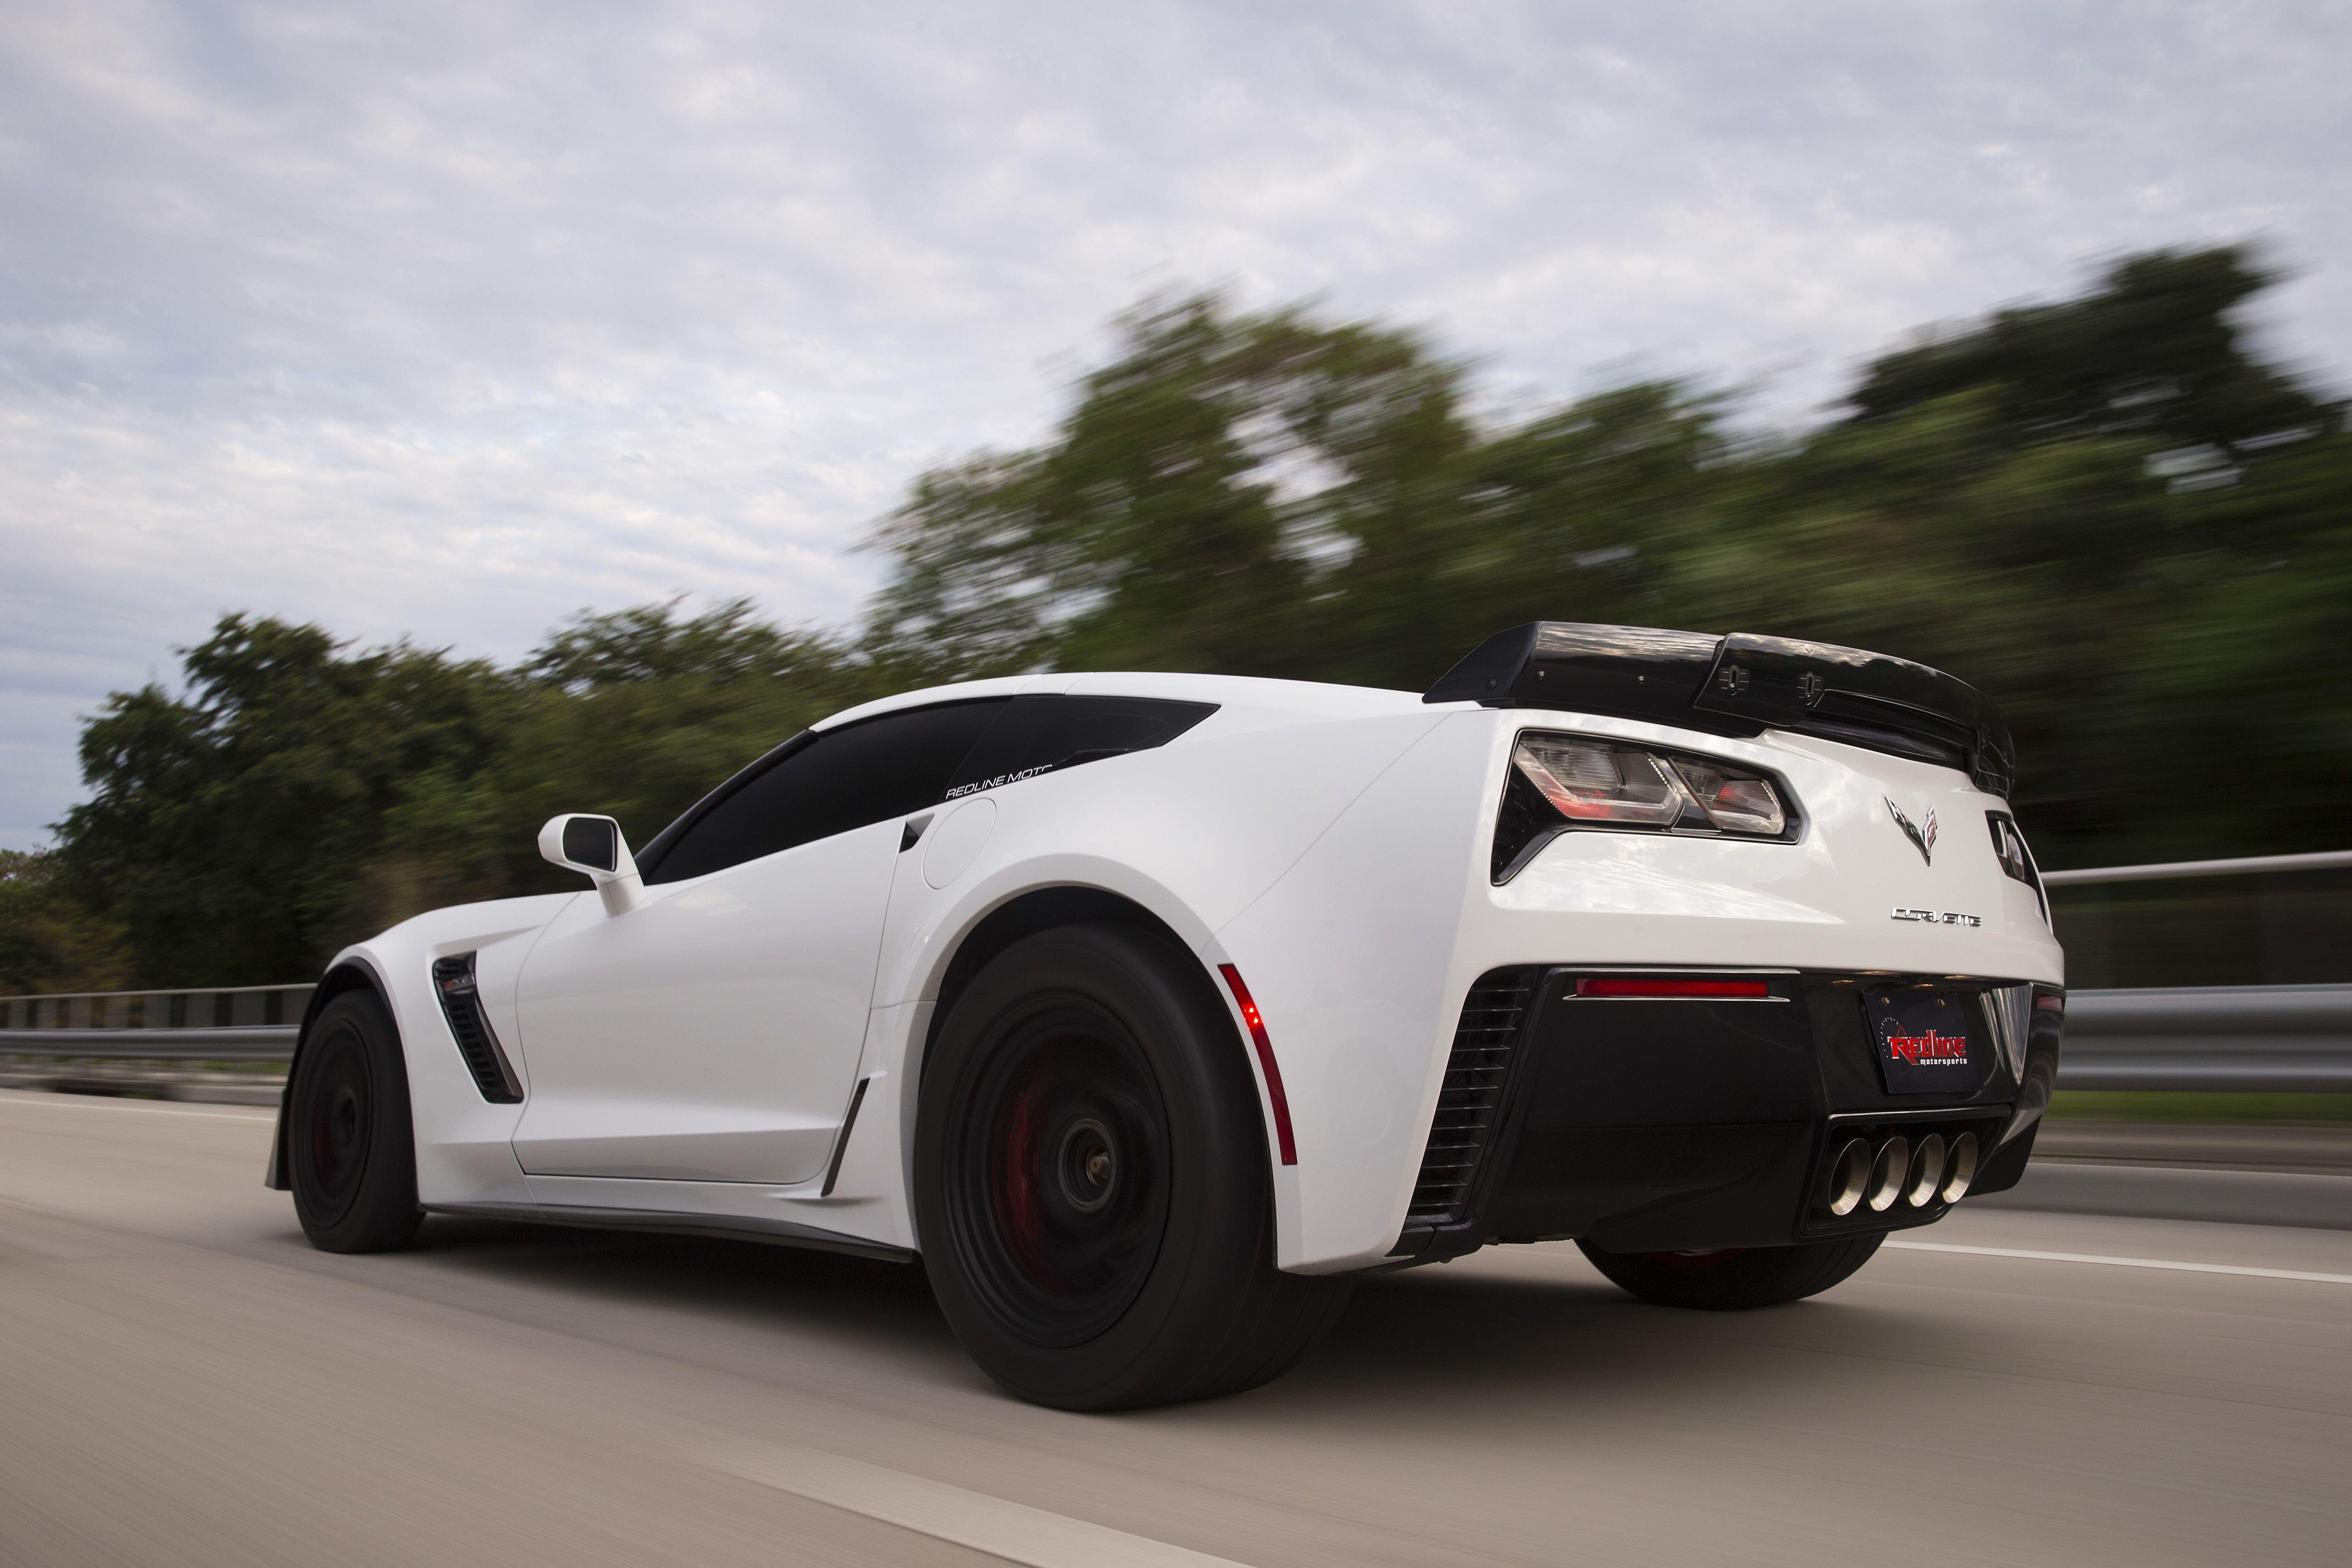 Redline 2015 Chevy Corvette C7 Z06 Cars White Wallpaper 5184x3456 908476 Wallpaperup